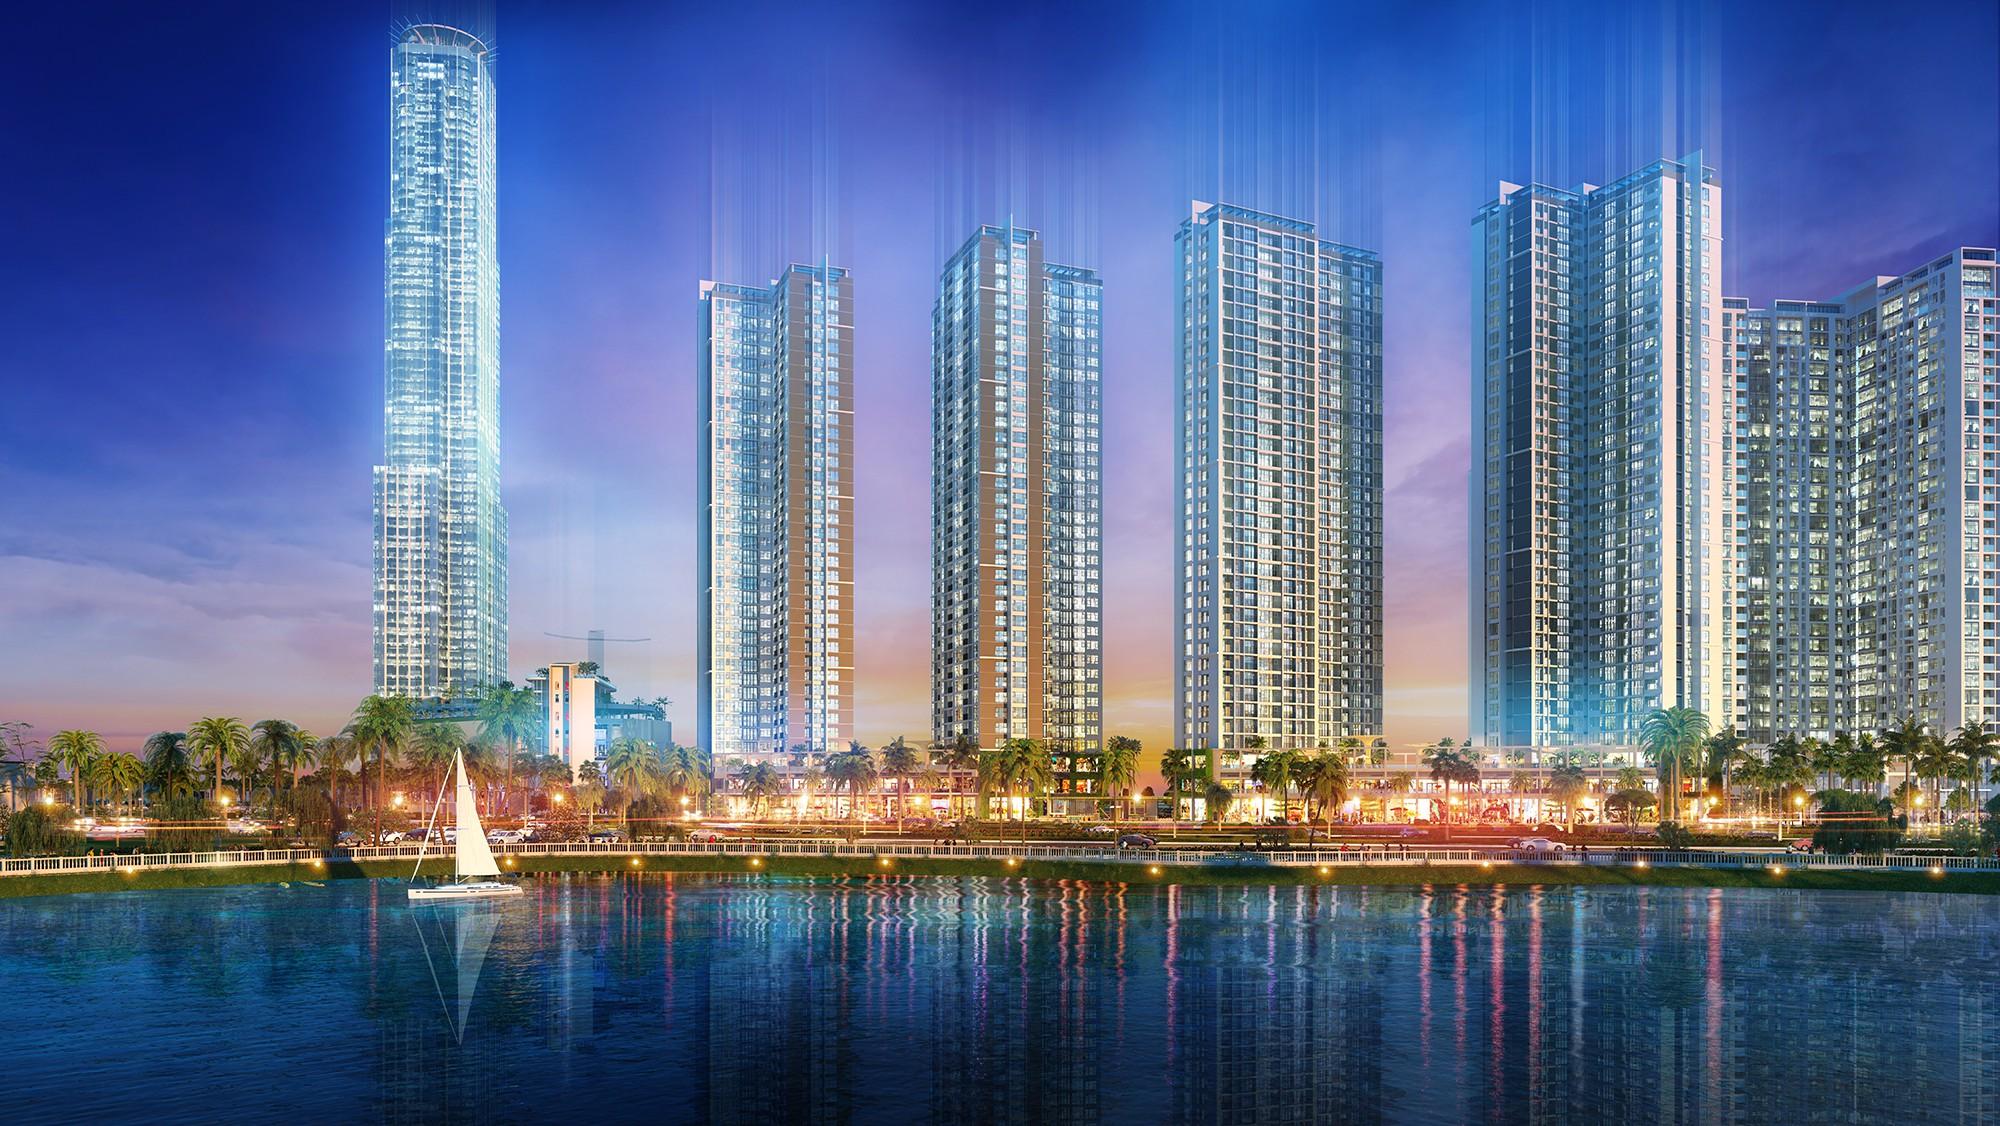 """Xuân Mai Sài Gòn với hành trình """"Nam tiến"""" trở thành nhà phát triển bất động sản chuyên nghiệp - Ảnh 2."""